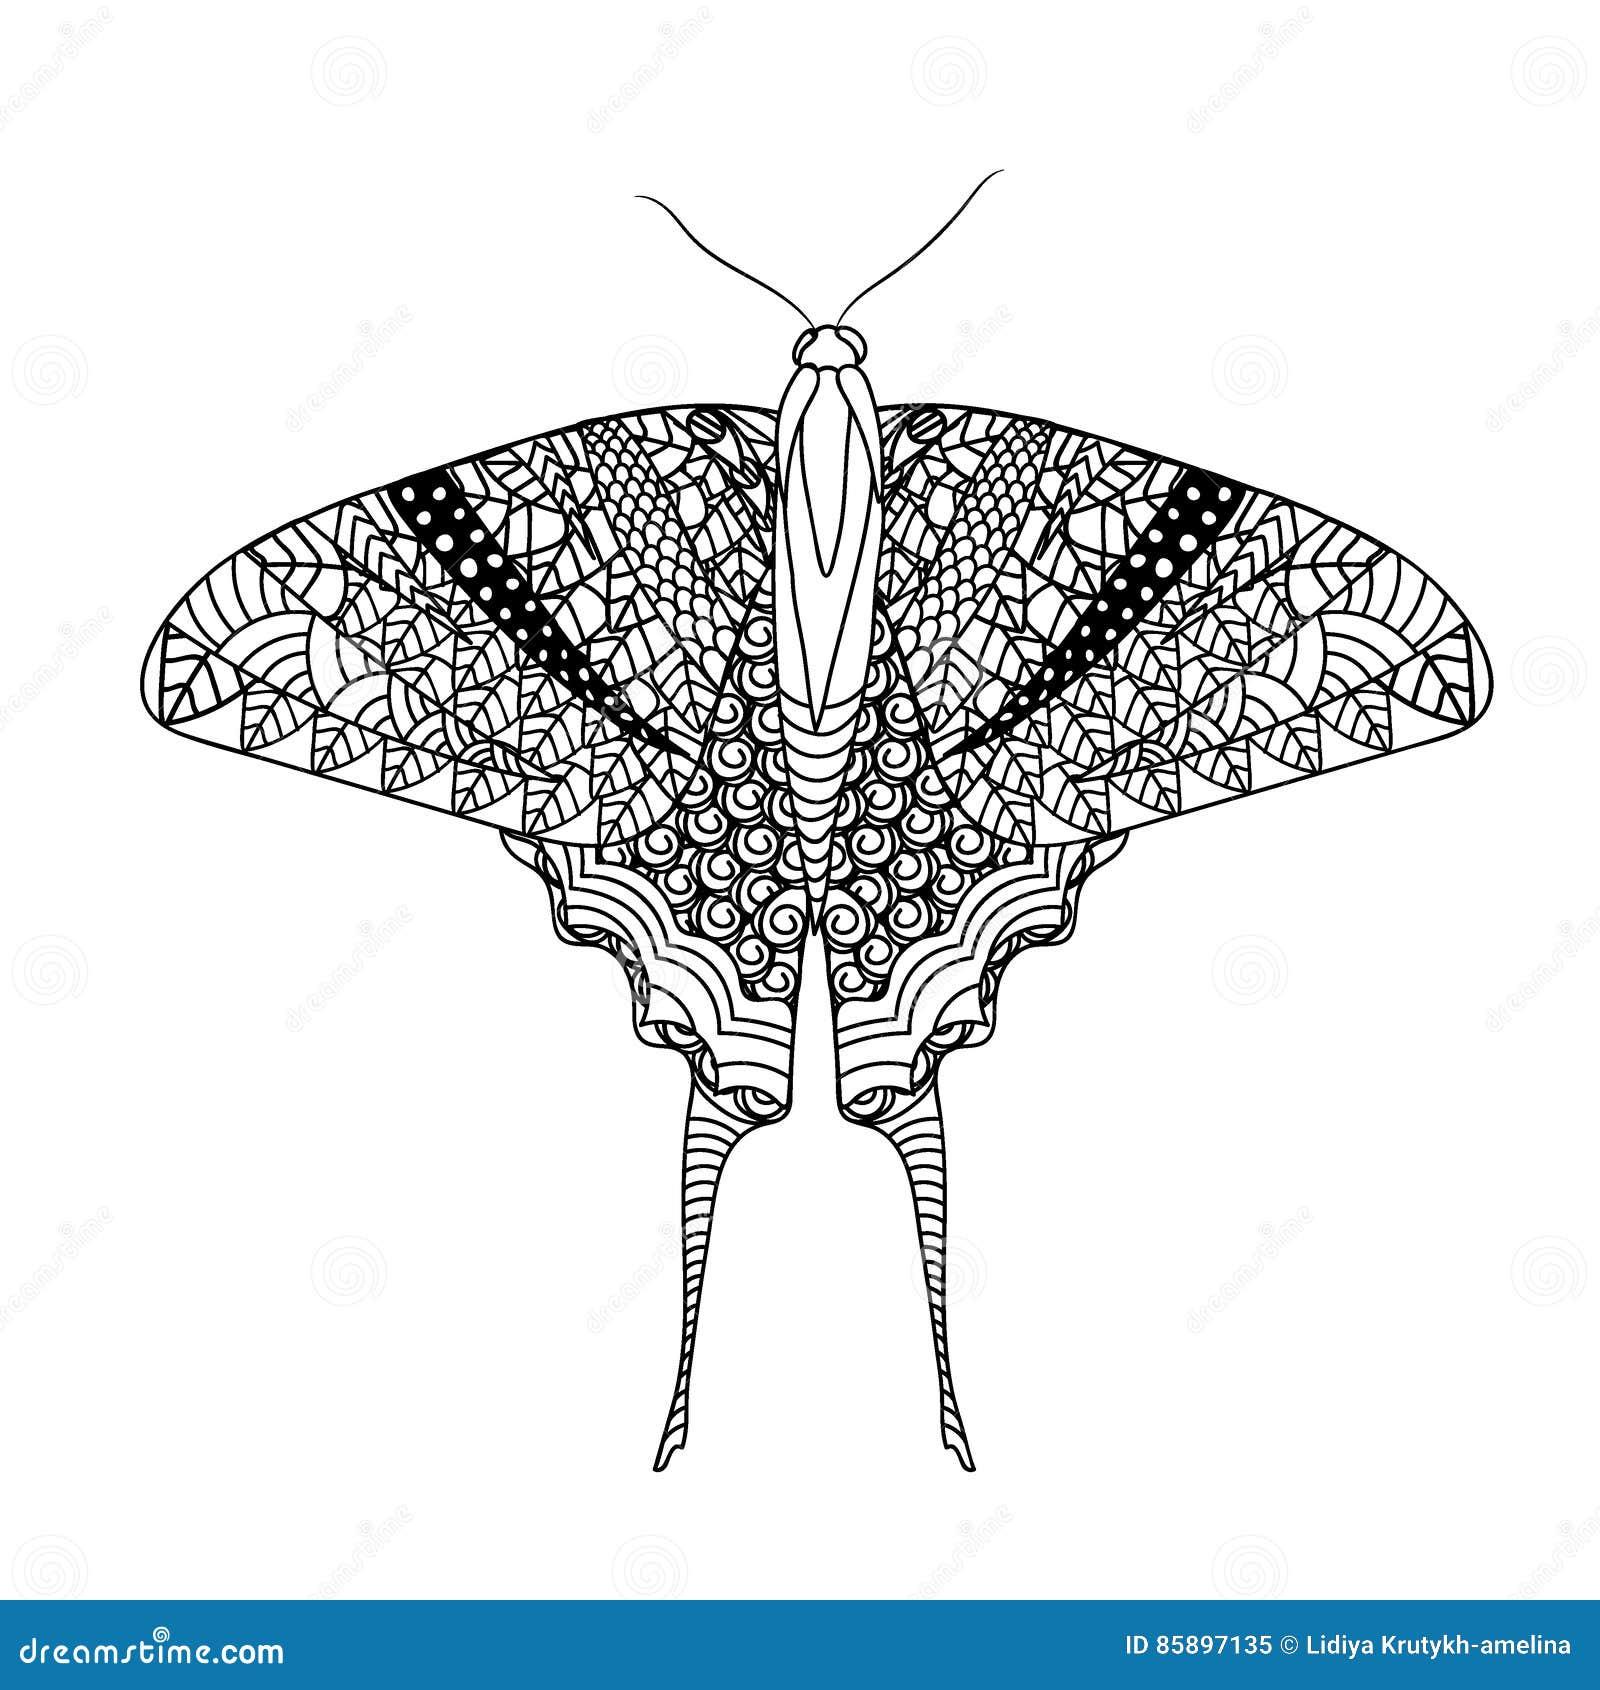 Pagine Da Colorare Di Farfalle In Tticasegno Disegni Di Farfalle Da